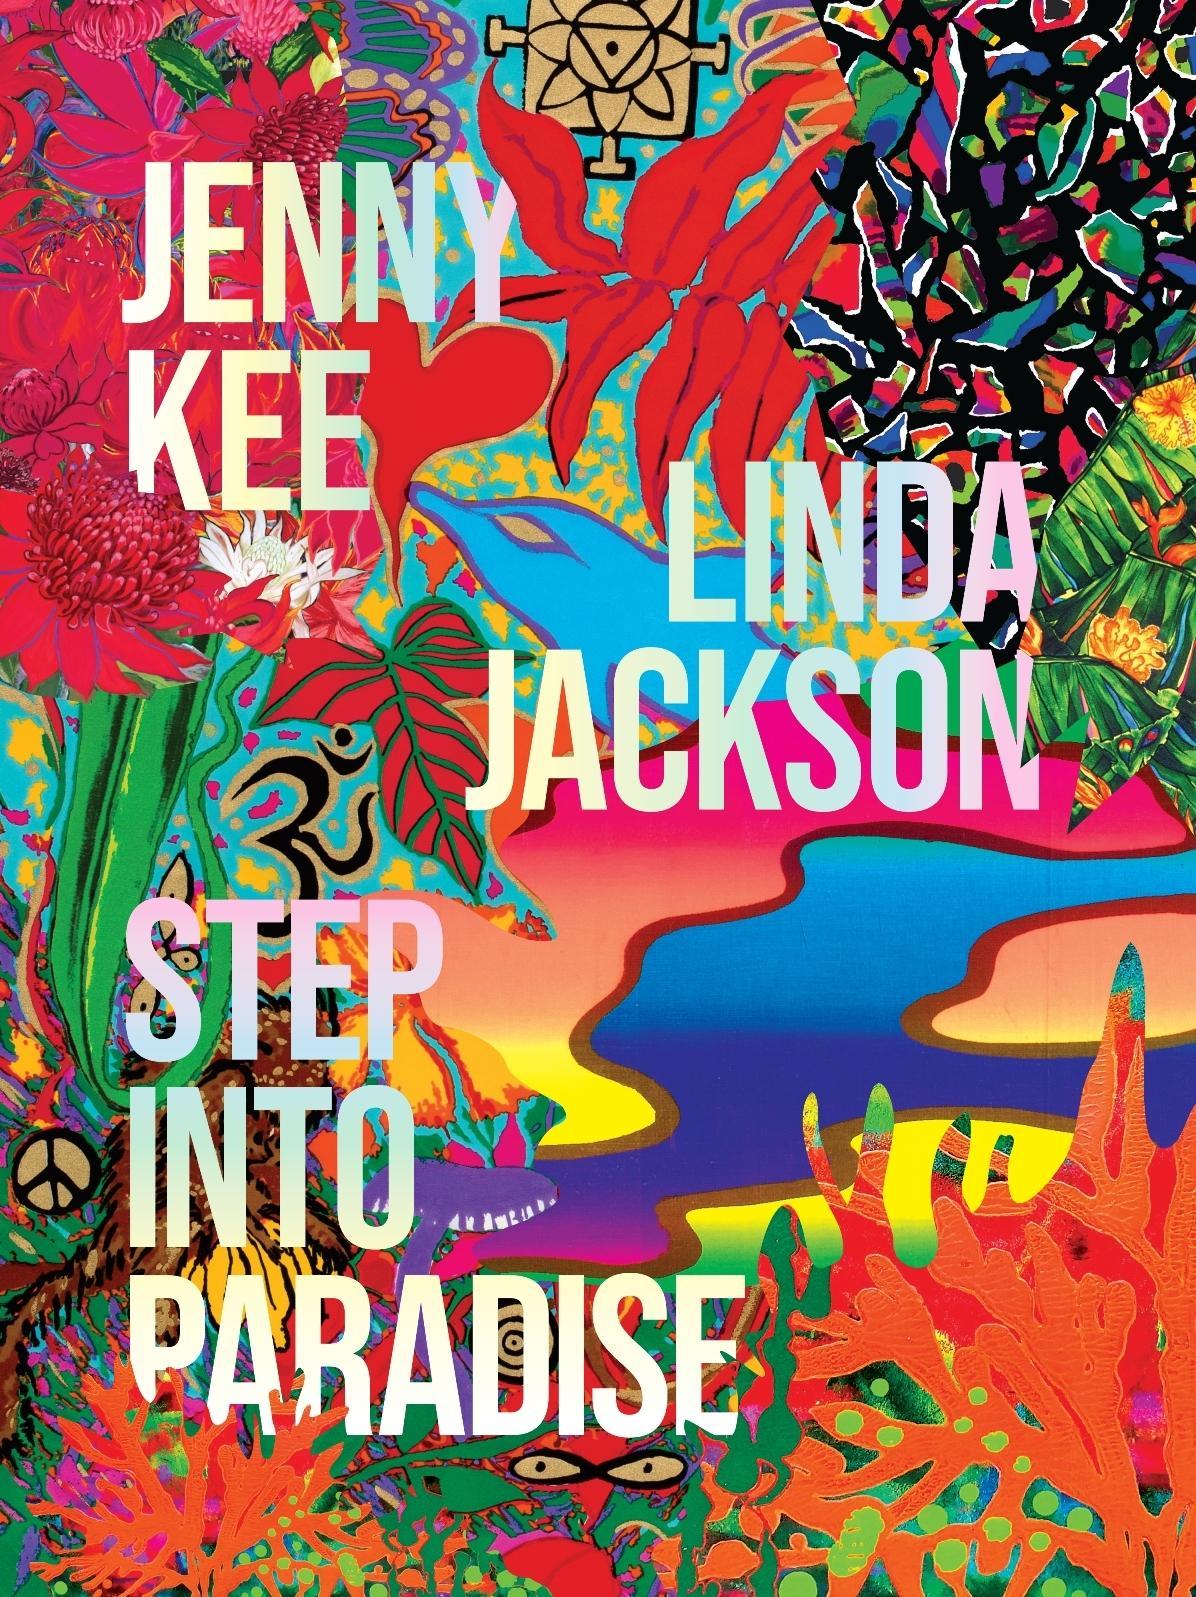 Step into Paradise: Jenny Kee andLindaJackson